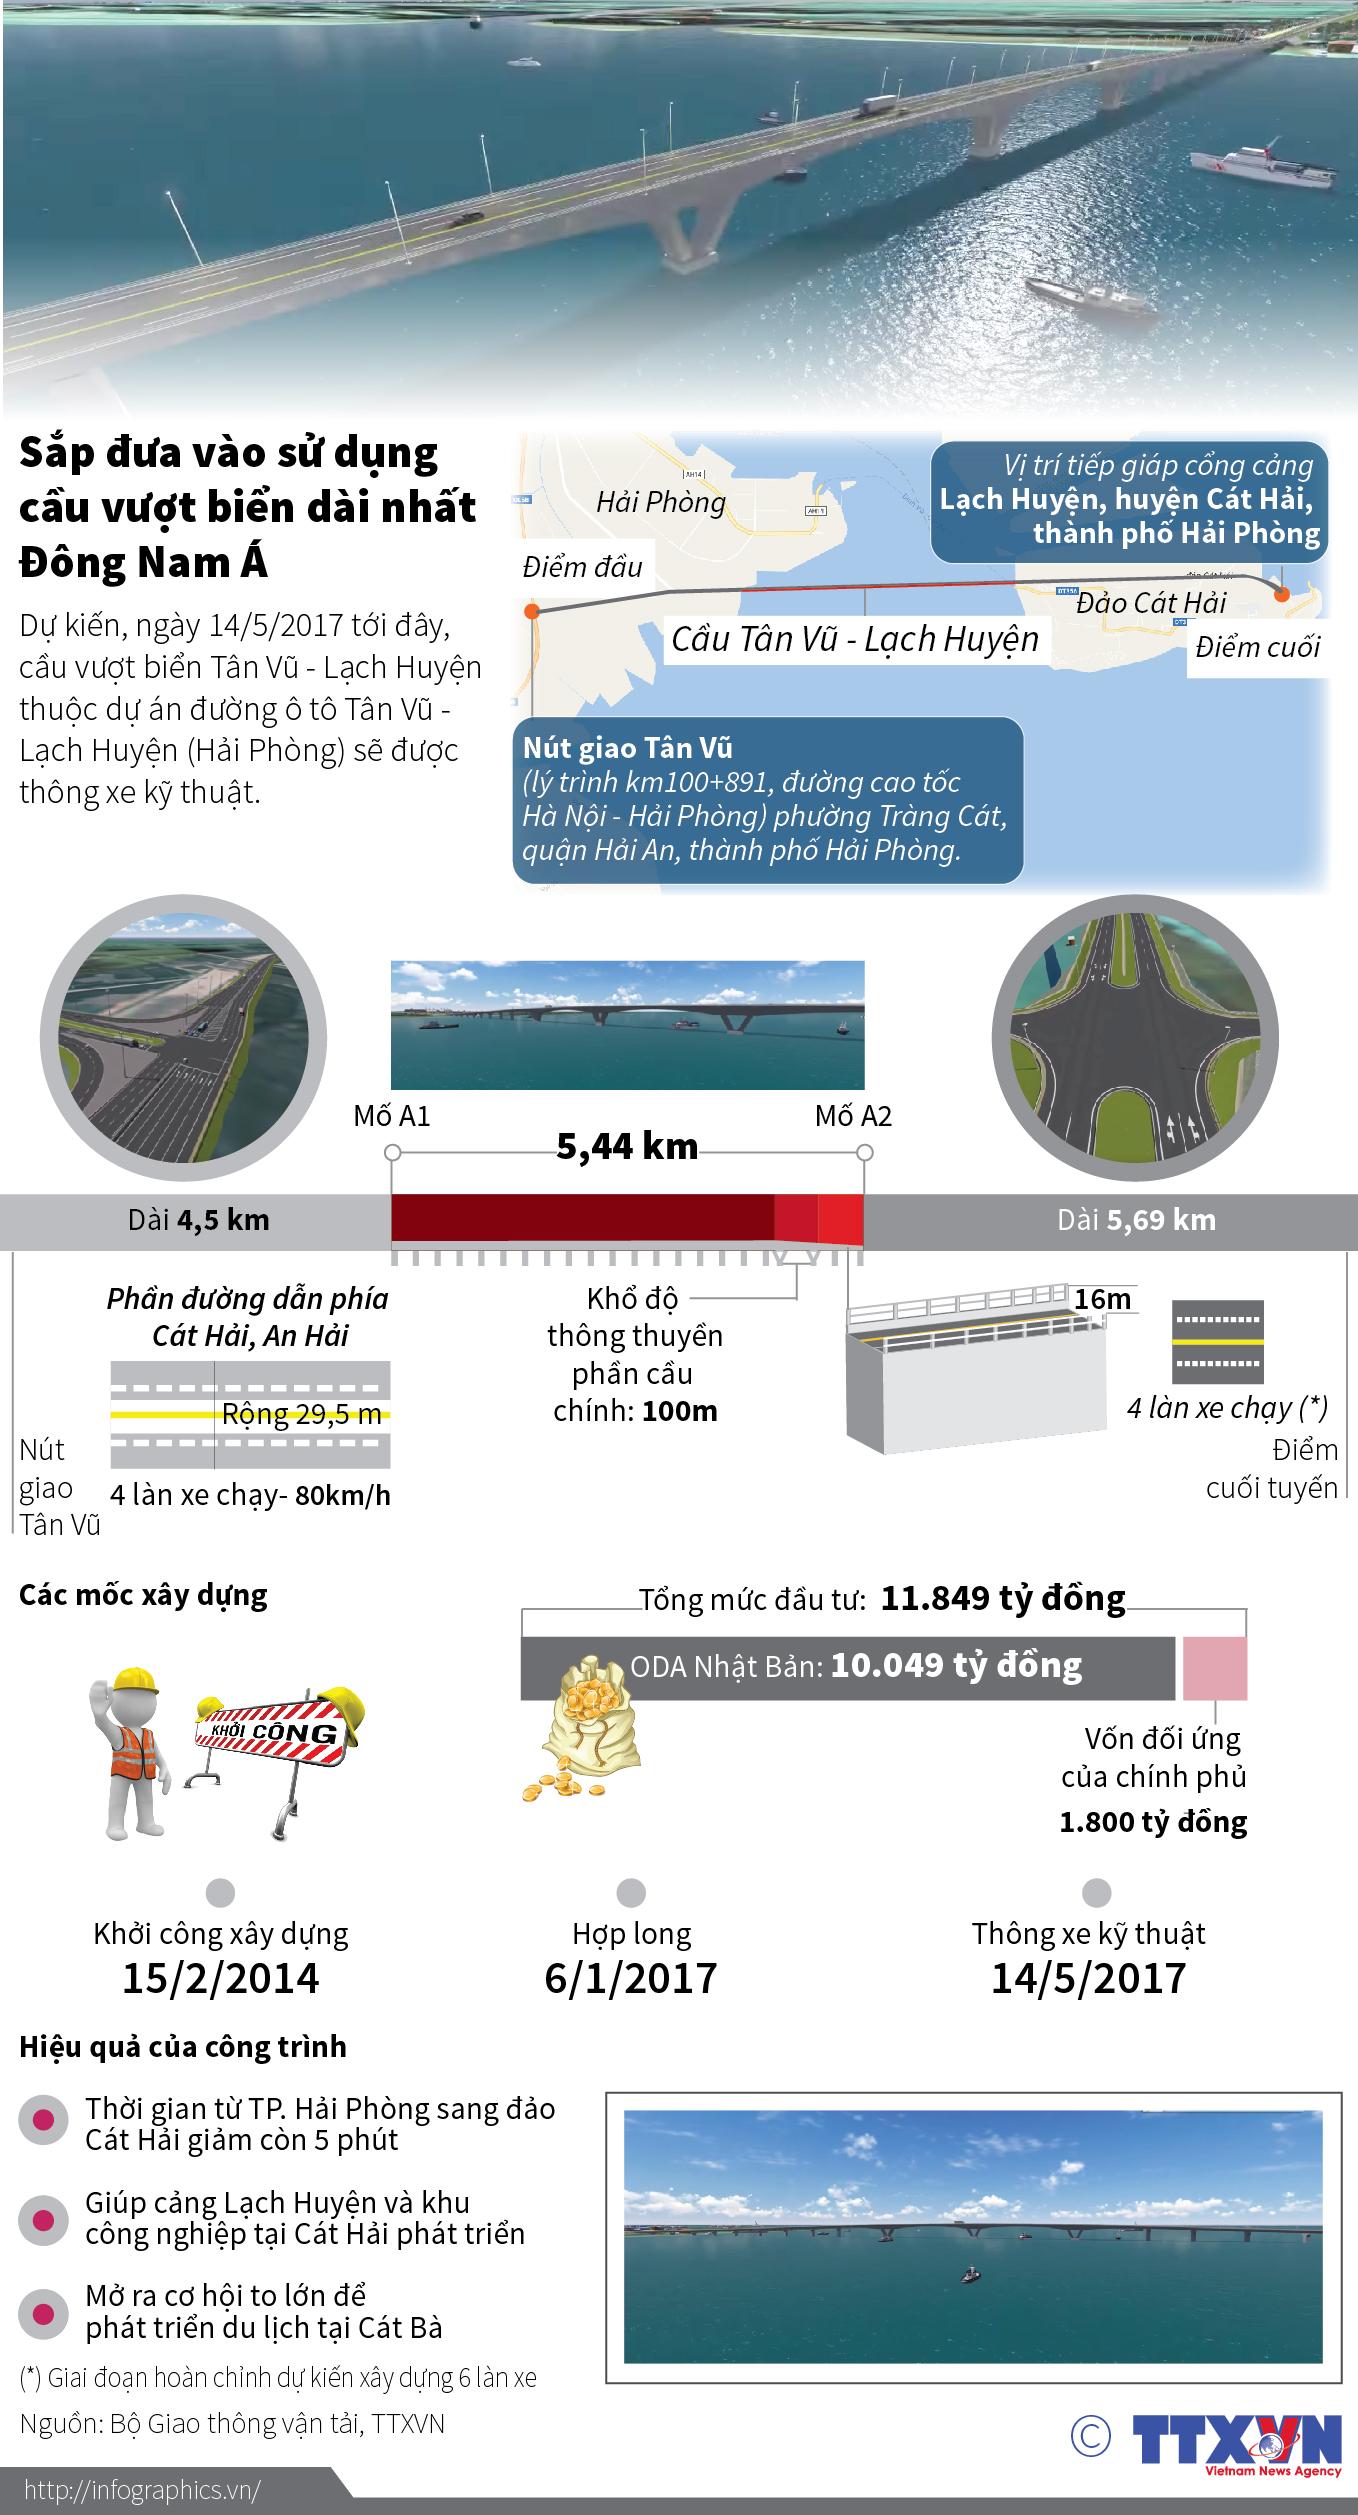 Ngày 14/5, thông xe cầu Tân Vũ - Lạch Huyền, cầu vượt biển dài nhất dài nhất Đông Nam Á